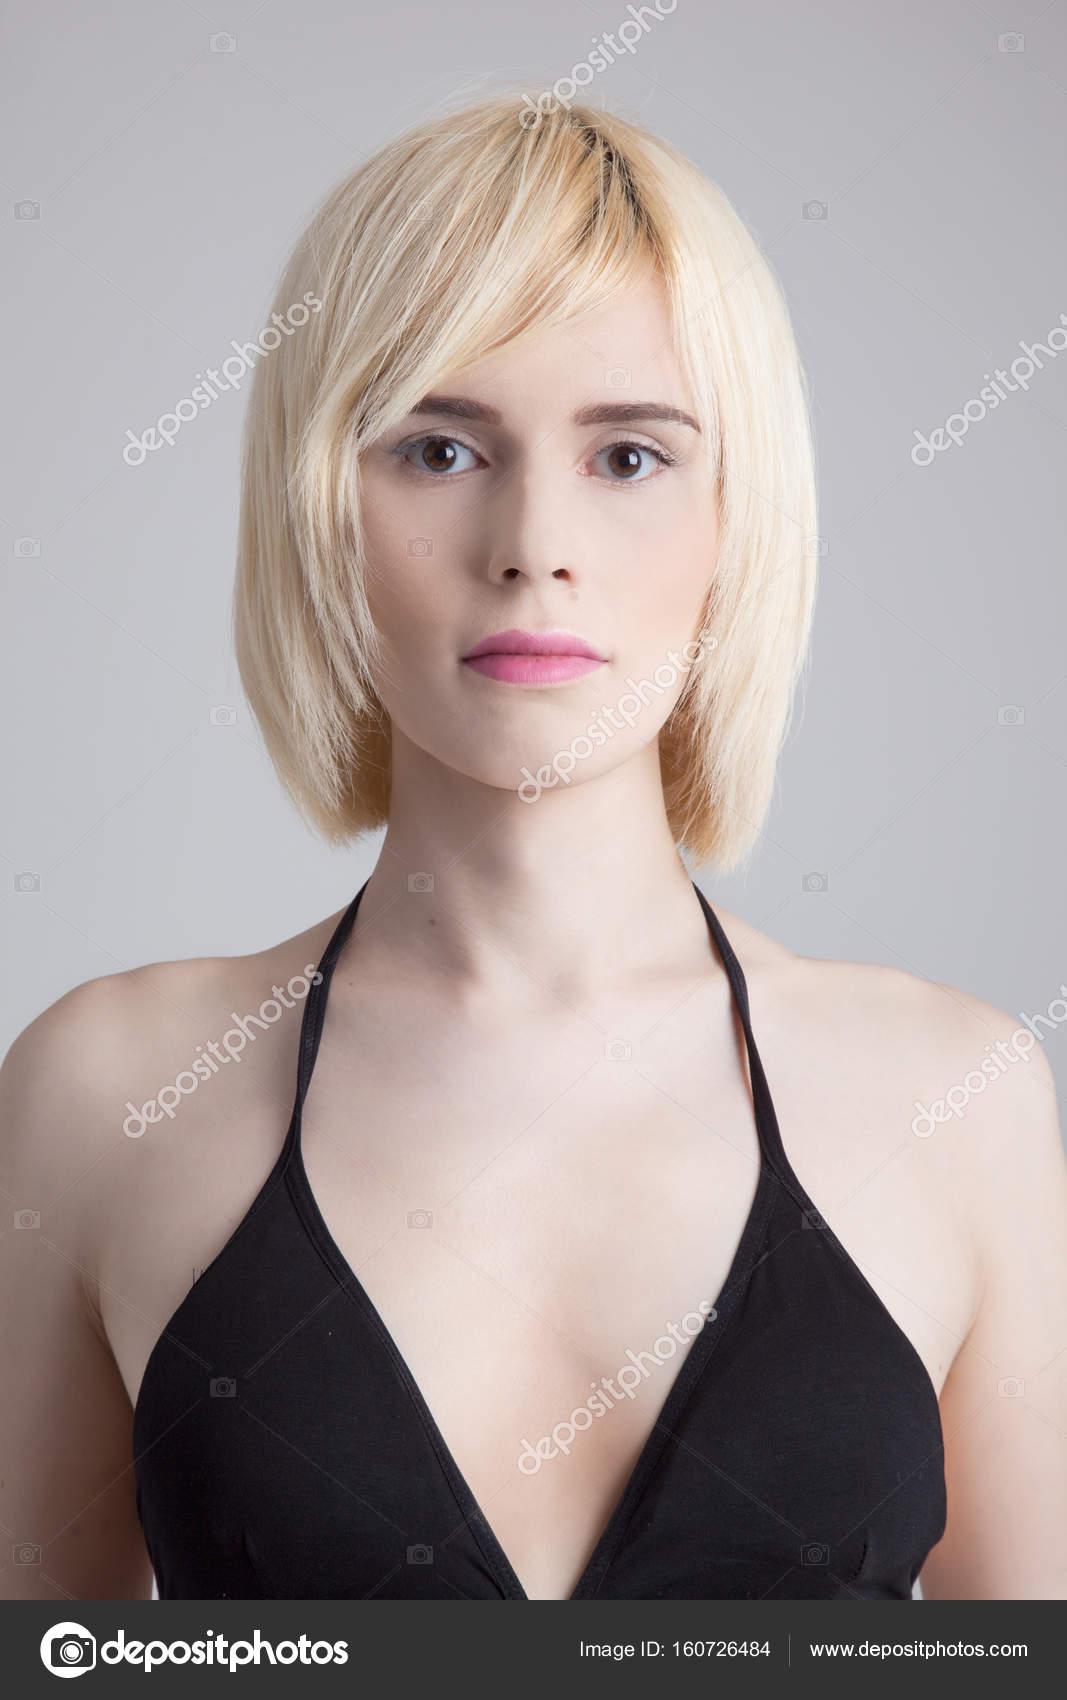 Transgender Model Photos